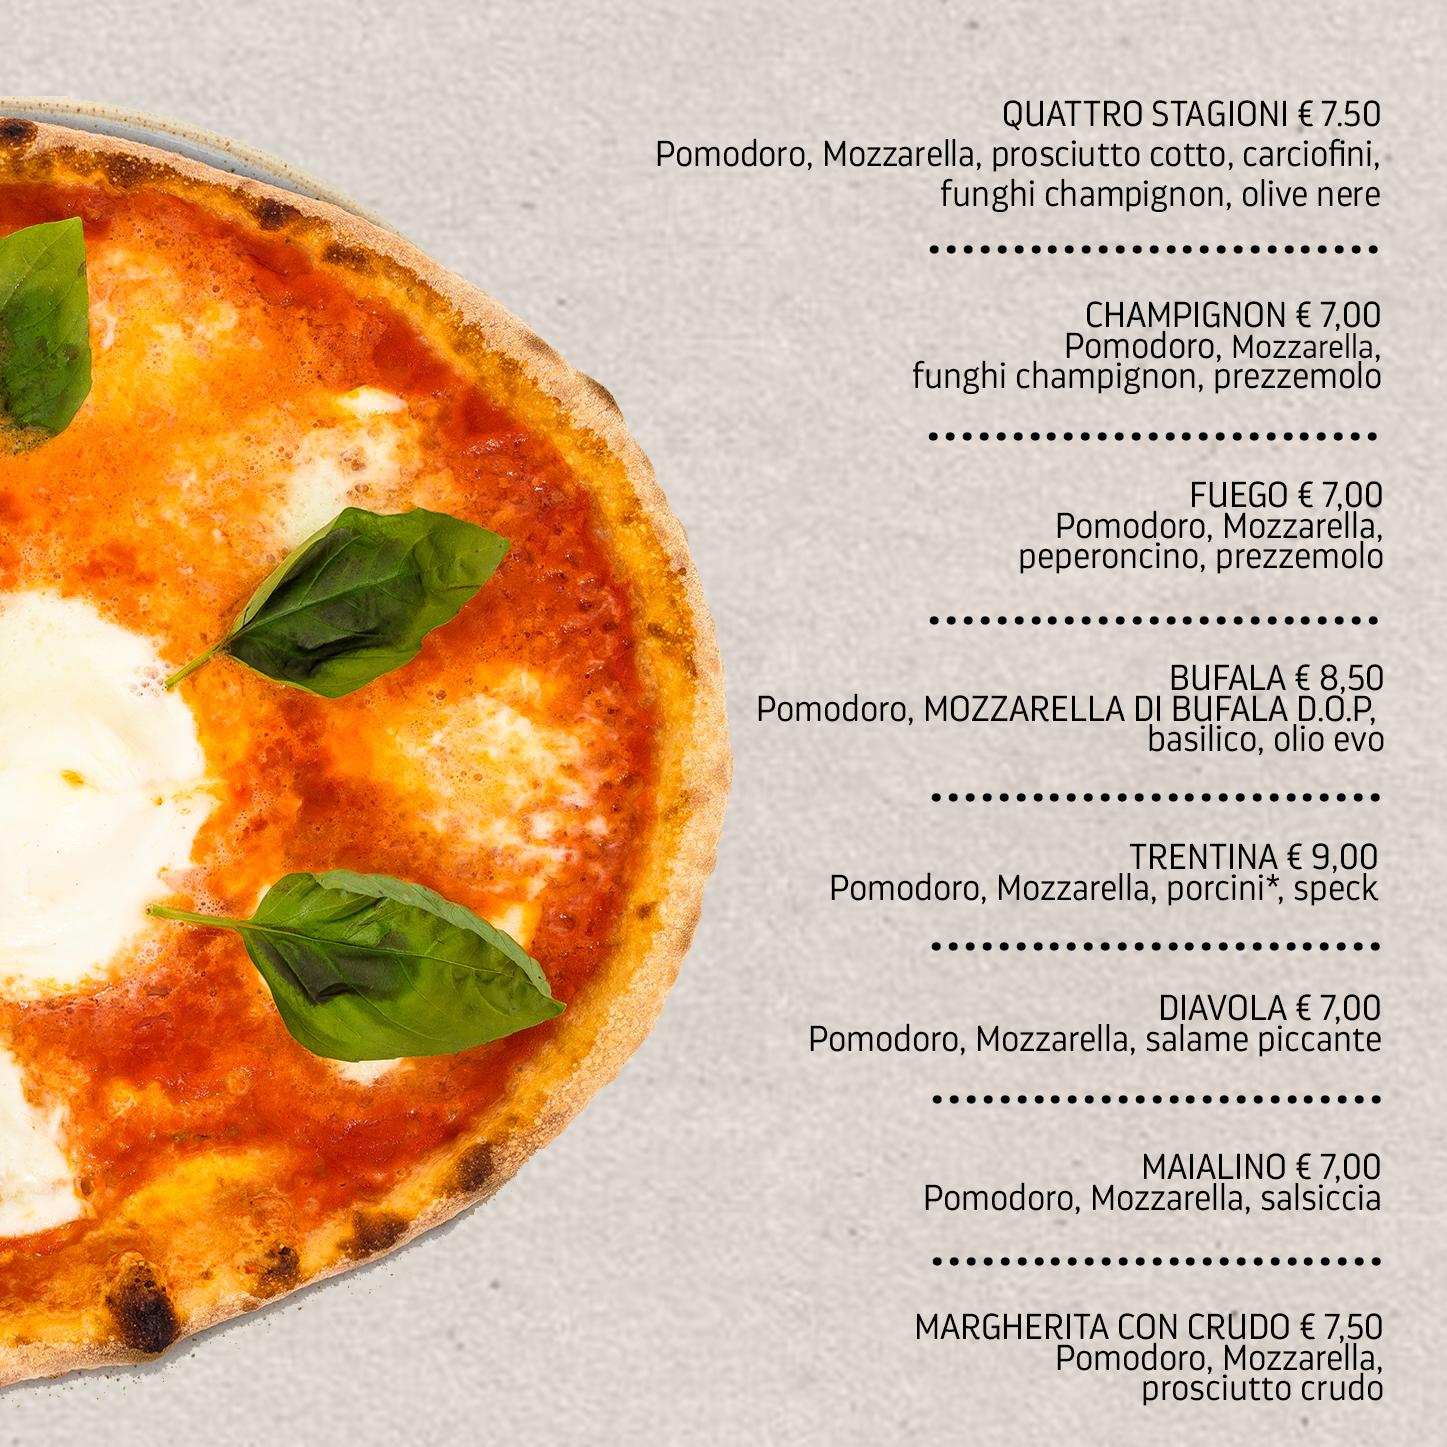 pizze rosse - 2